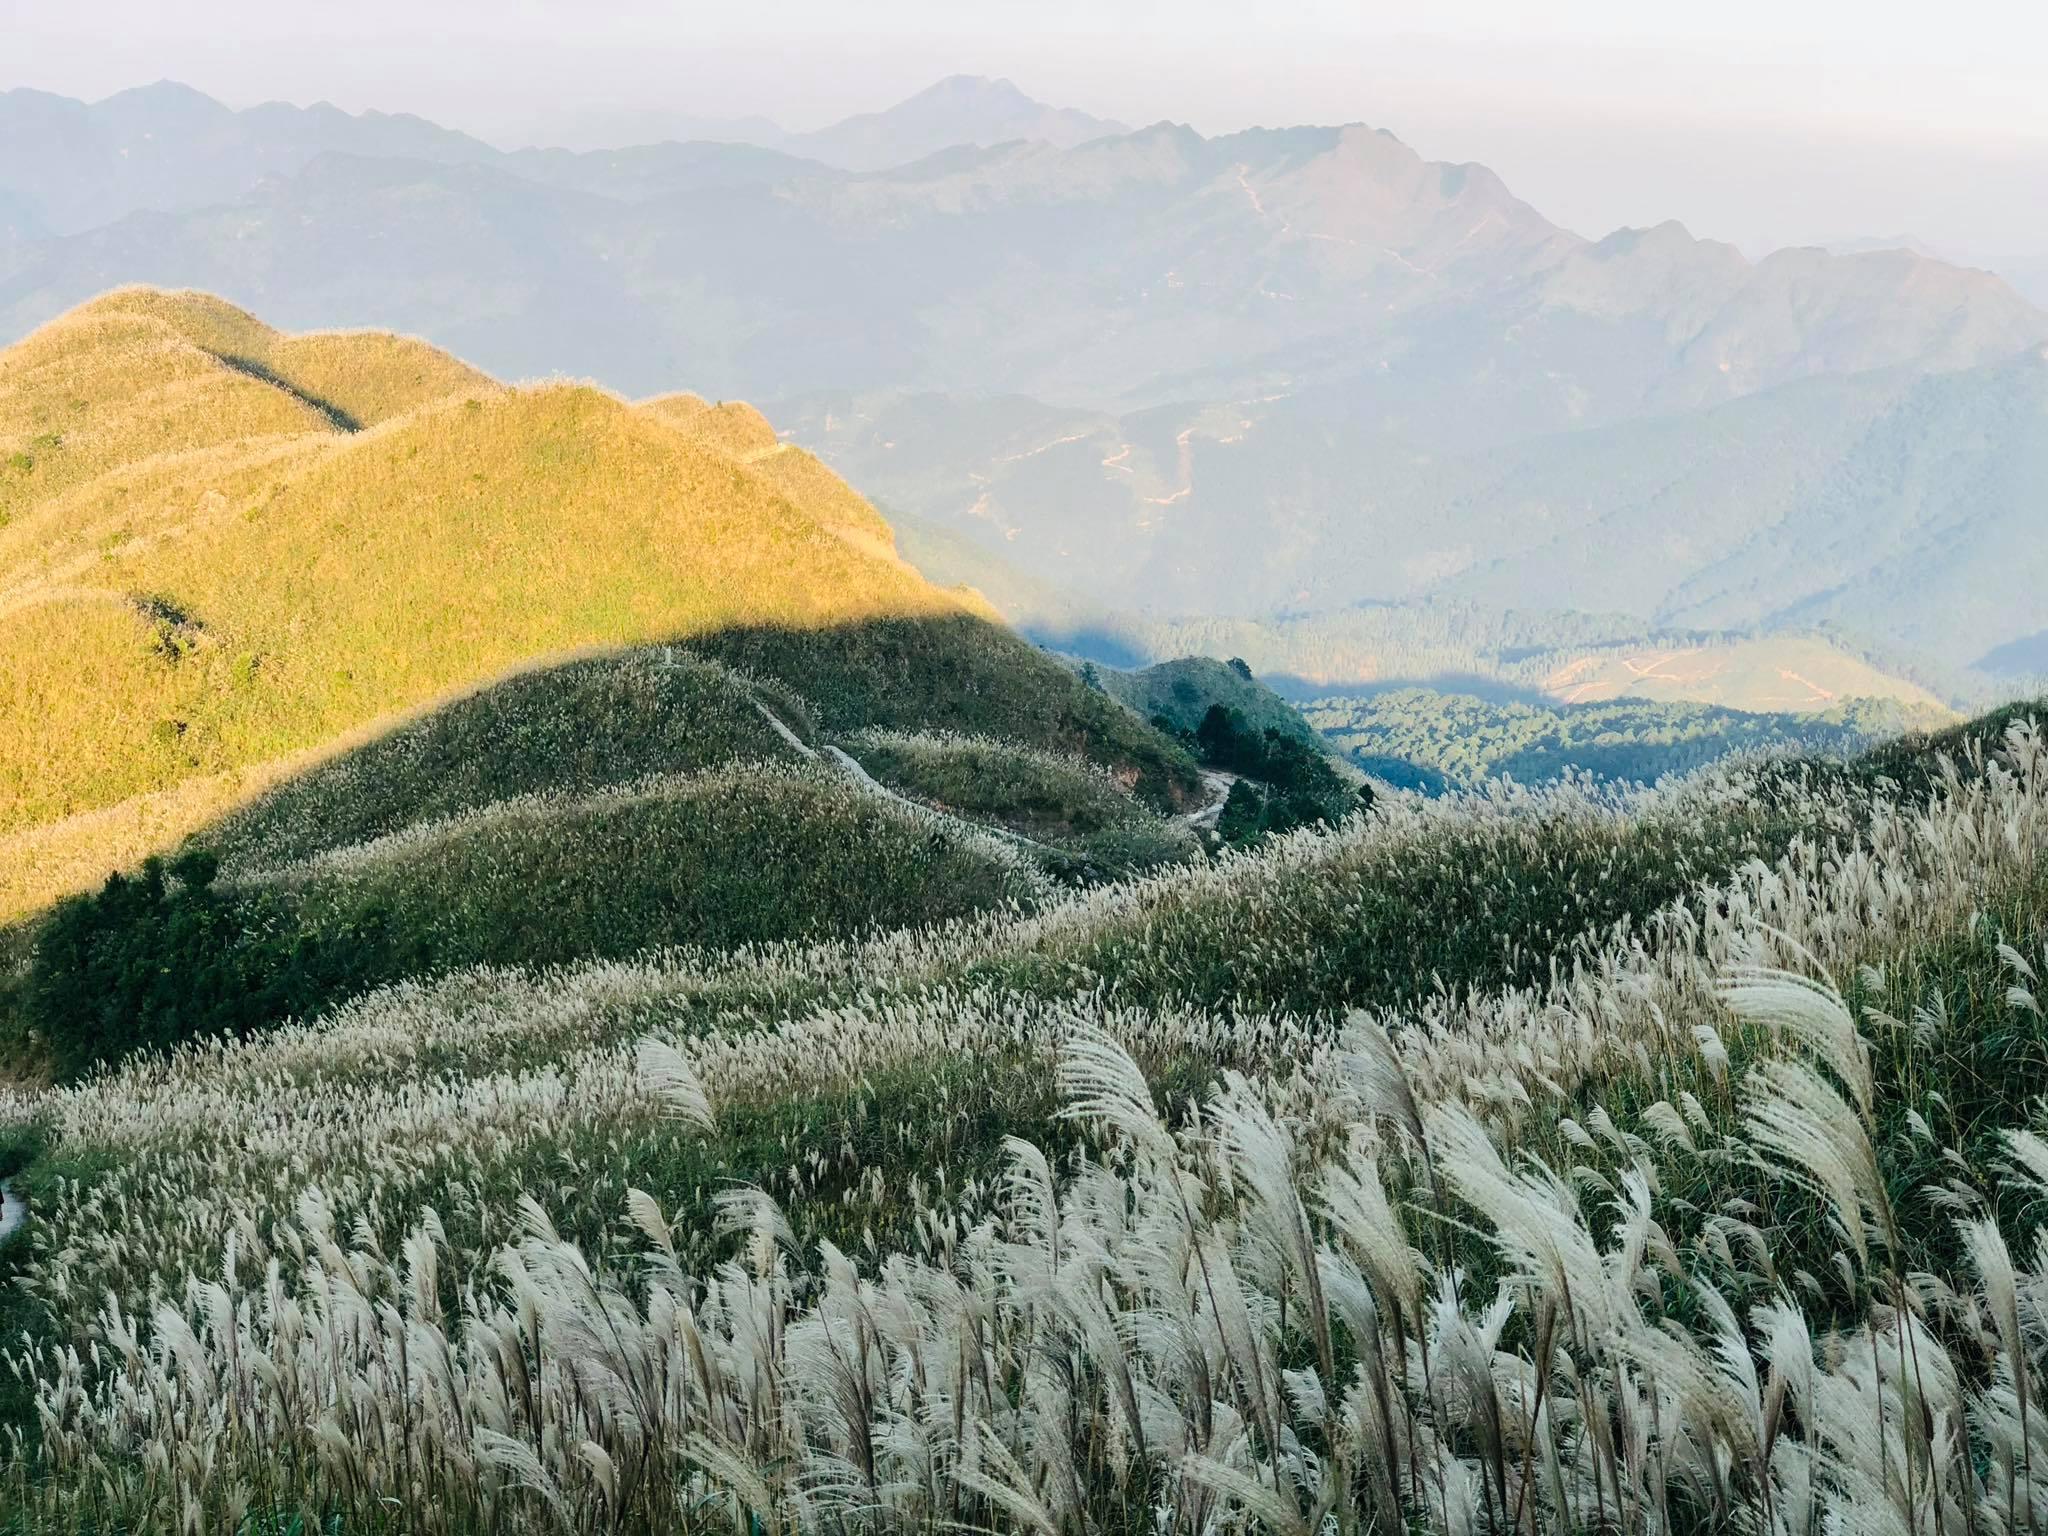 Mùa cỏ lau Bình Liêu từ tháng 10 đến tháng 11. Hình: Minh Diep